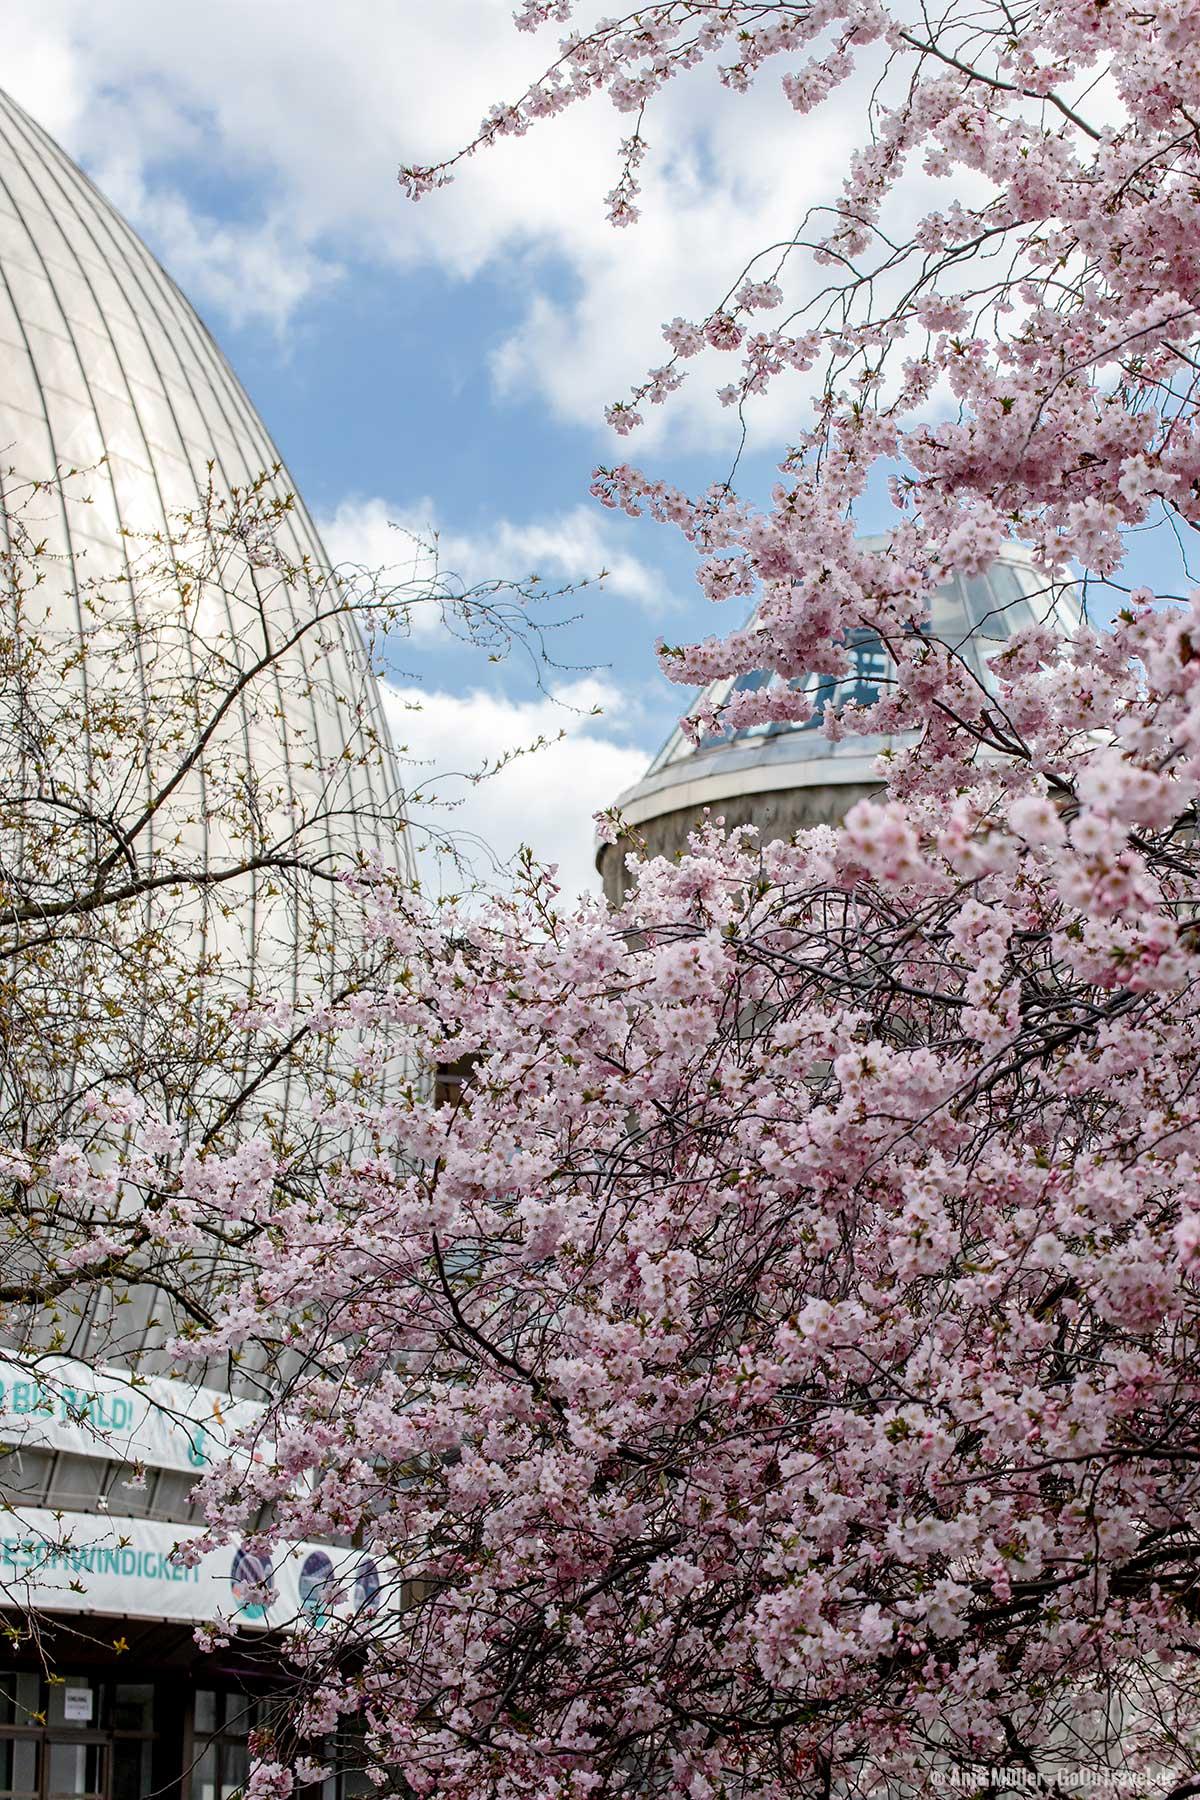 Rosa Kirschblüte mit dem Zeiss-Großplanetarium